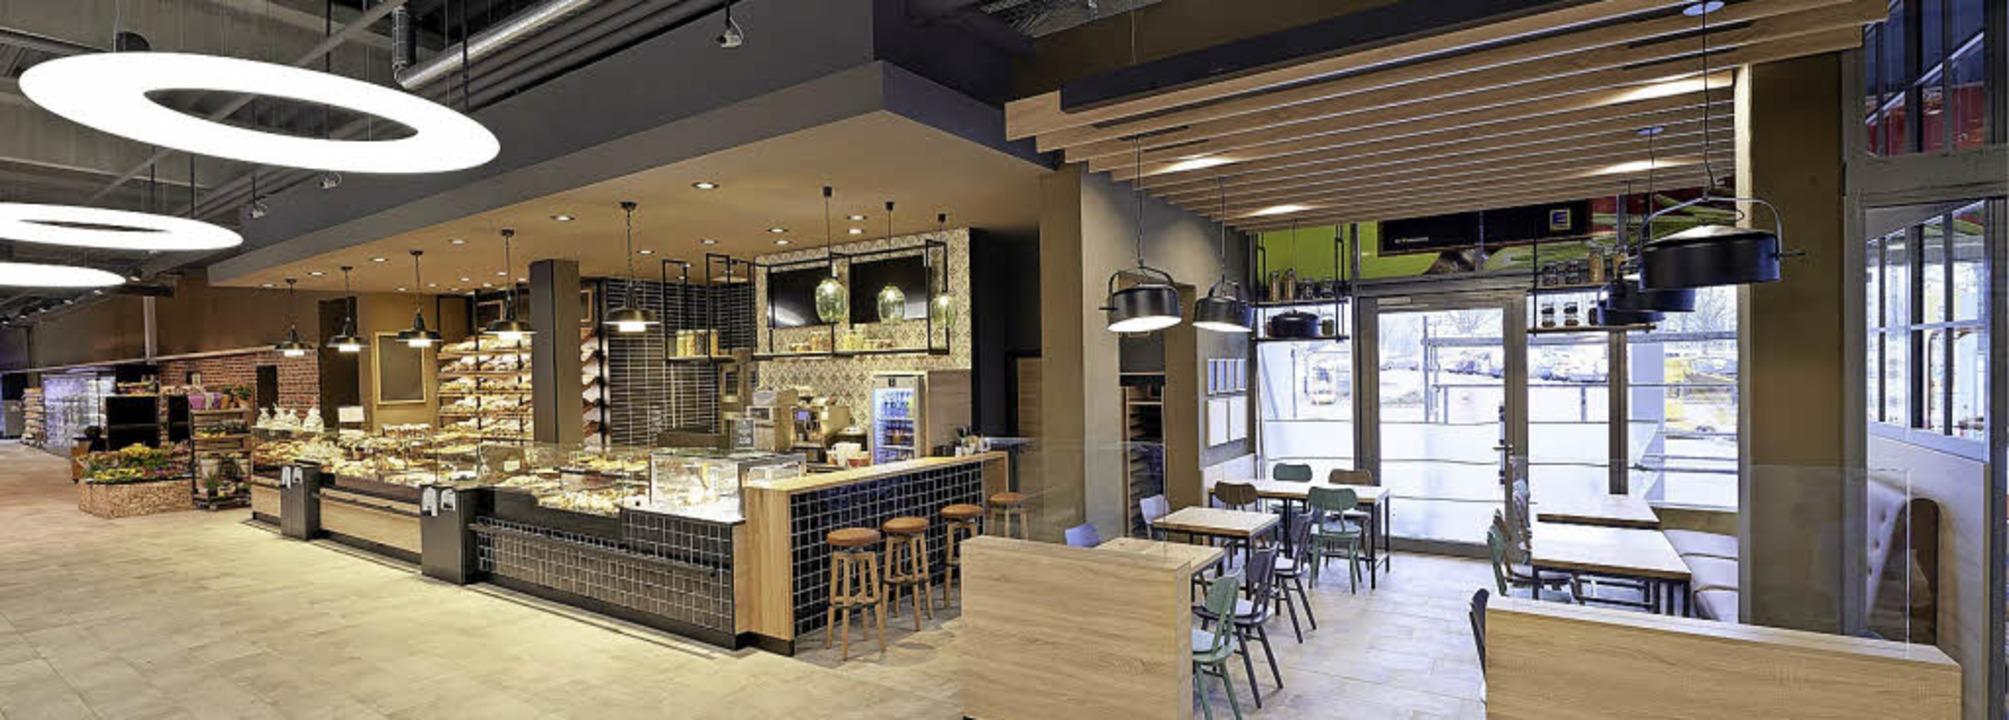 Eine weitere Neuerung: die Marktbäckerei mit 25 Sitzplätzen    Foto: gegg (4)